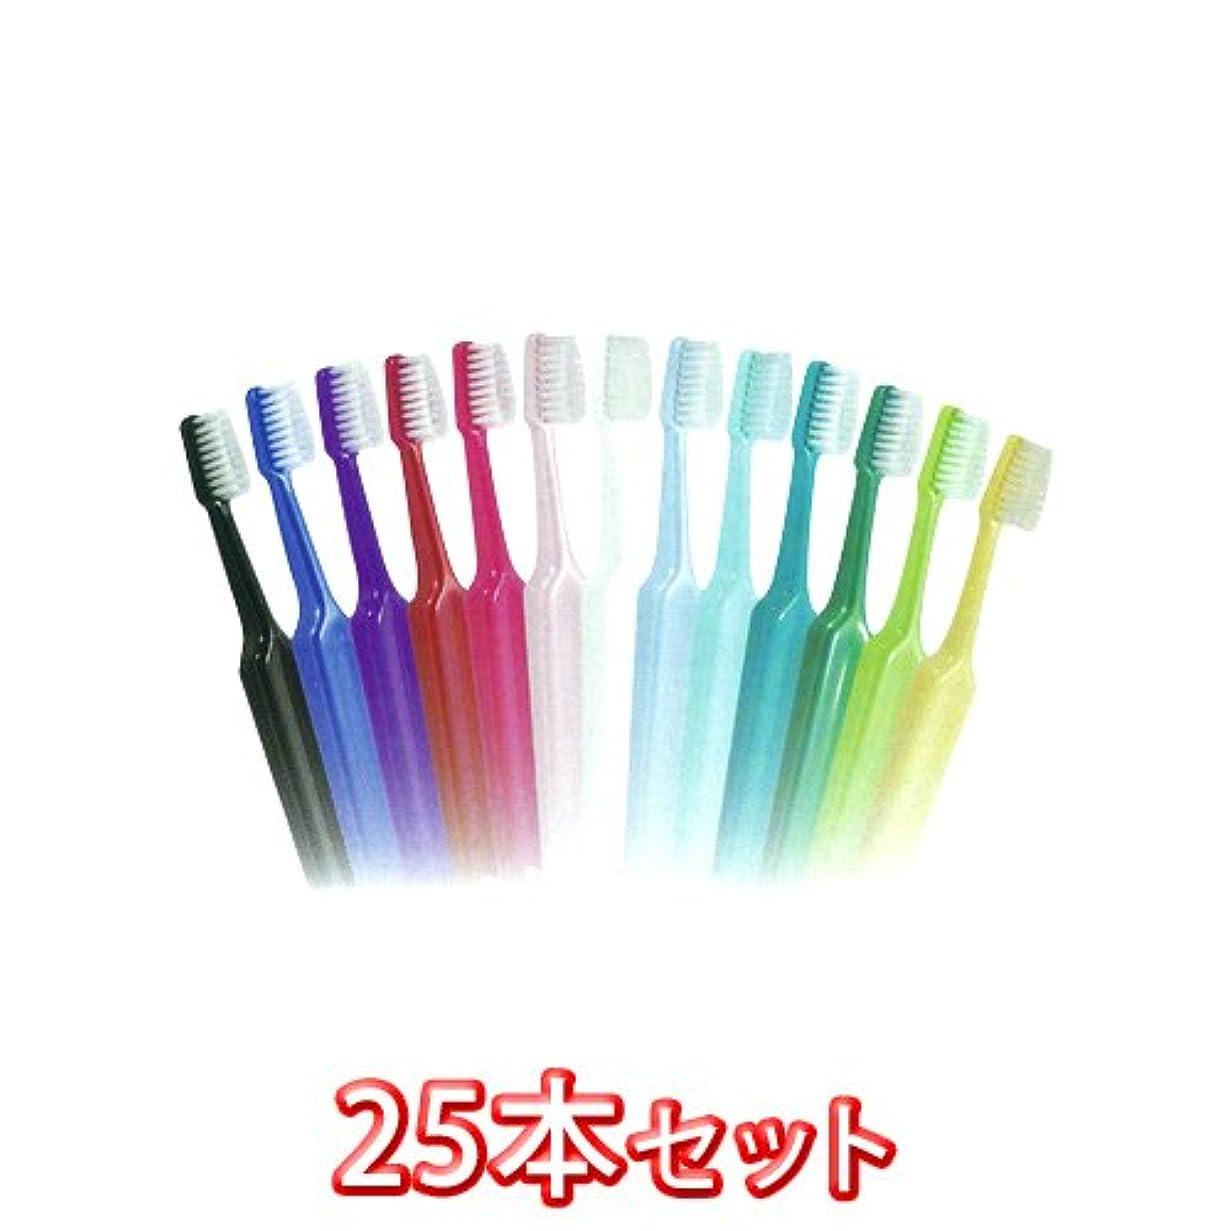 傾向があります退化する考えたTePeテペセレクトコンパクト歯ブラシ 25本(コンパクトミディアム)